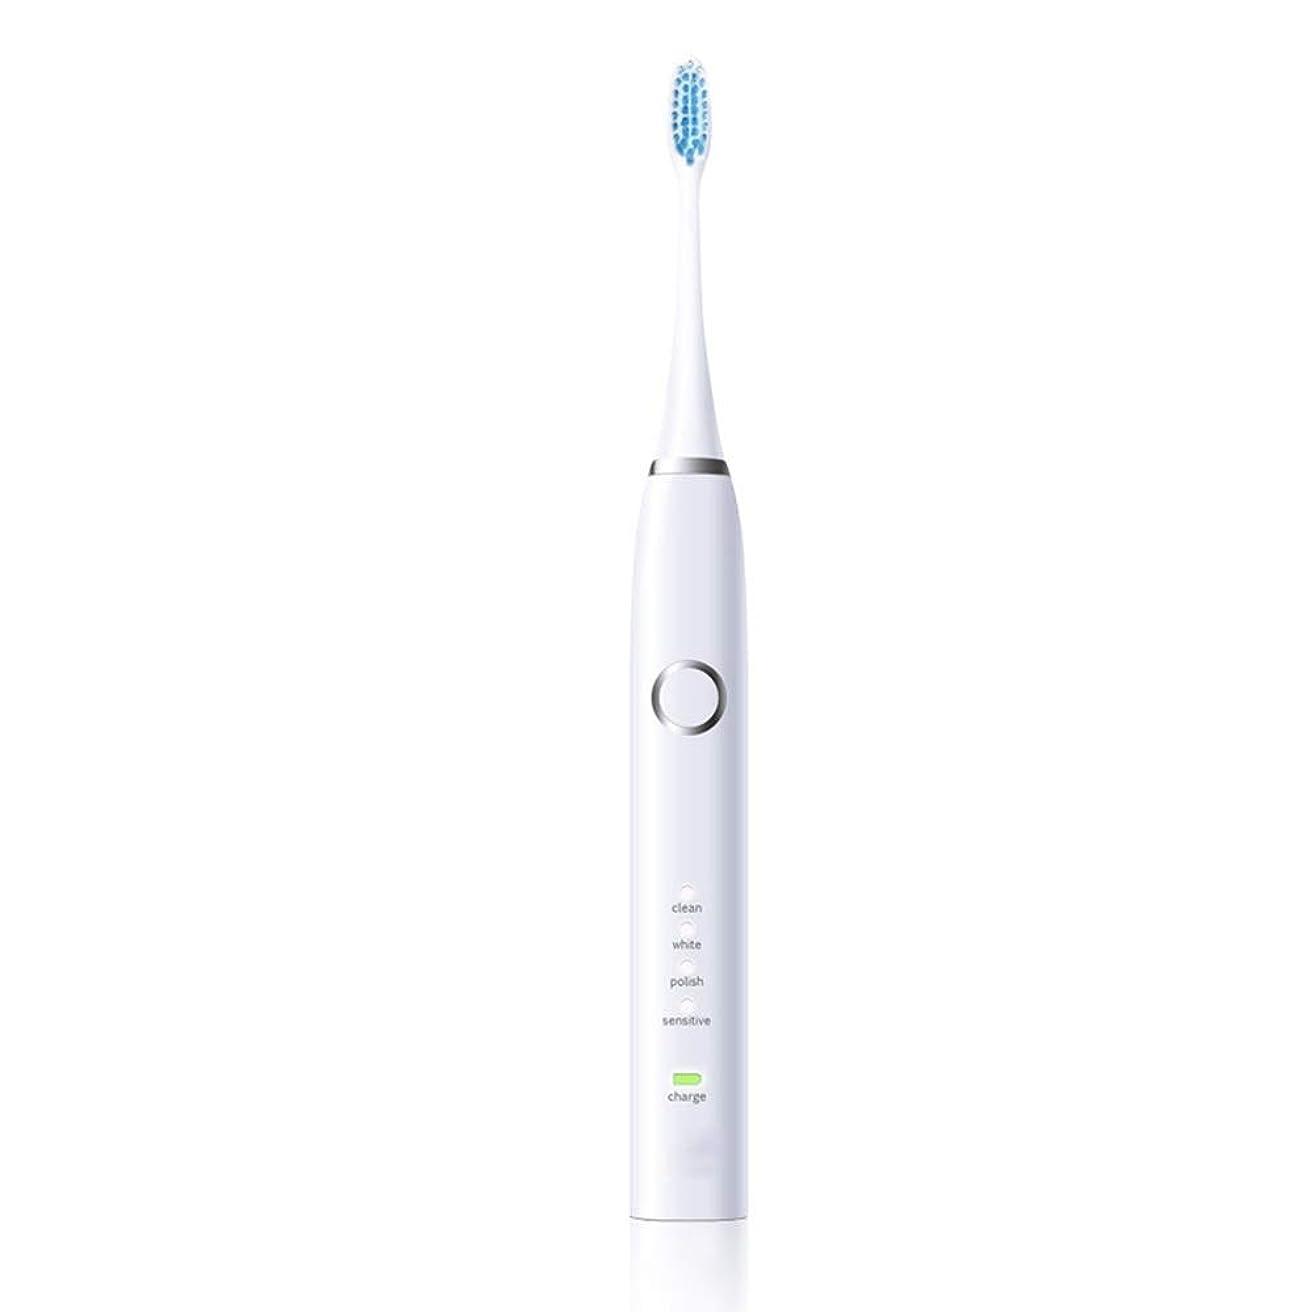 ティーンエイジャー解説介入する電動歯ブラシ 再充電可能なUSBが付いている大人の白い電気保護きれいな歯ブラシ (色 : 白, サイズ : Free size)